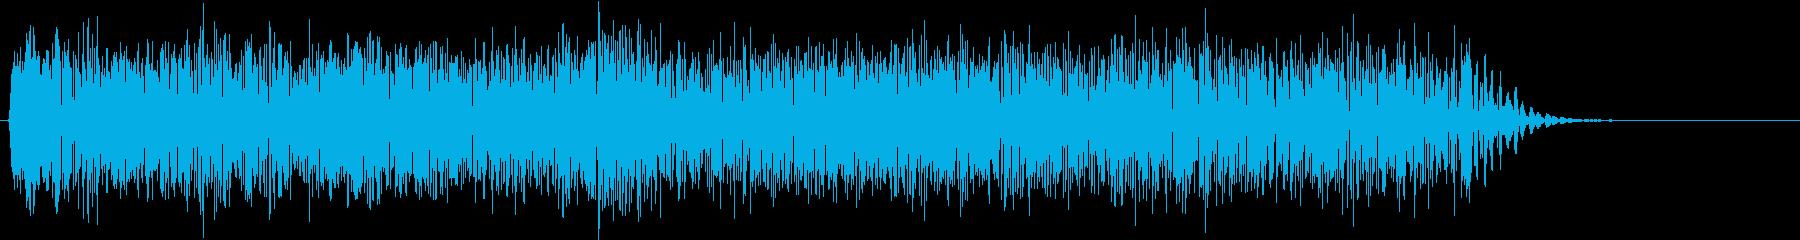 ギター エレキ ギューン スライドの再生済みの波形